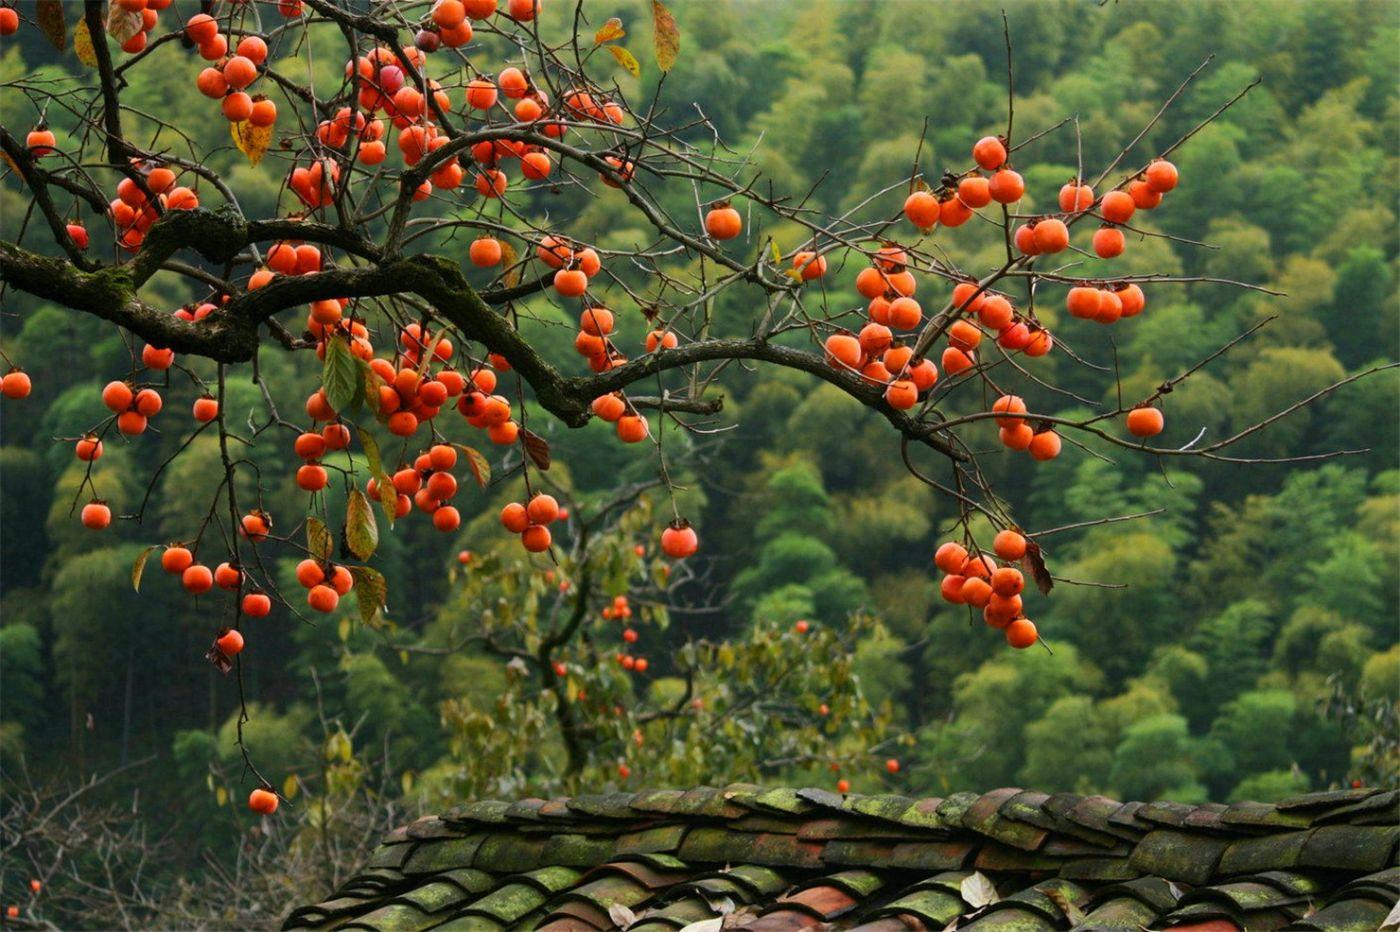 柿子也很漂亮_图1-6